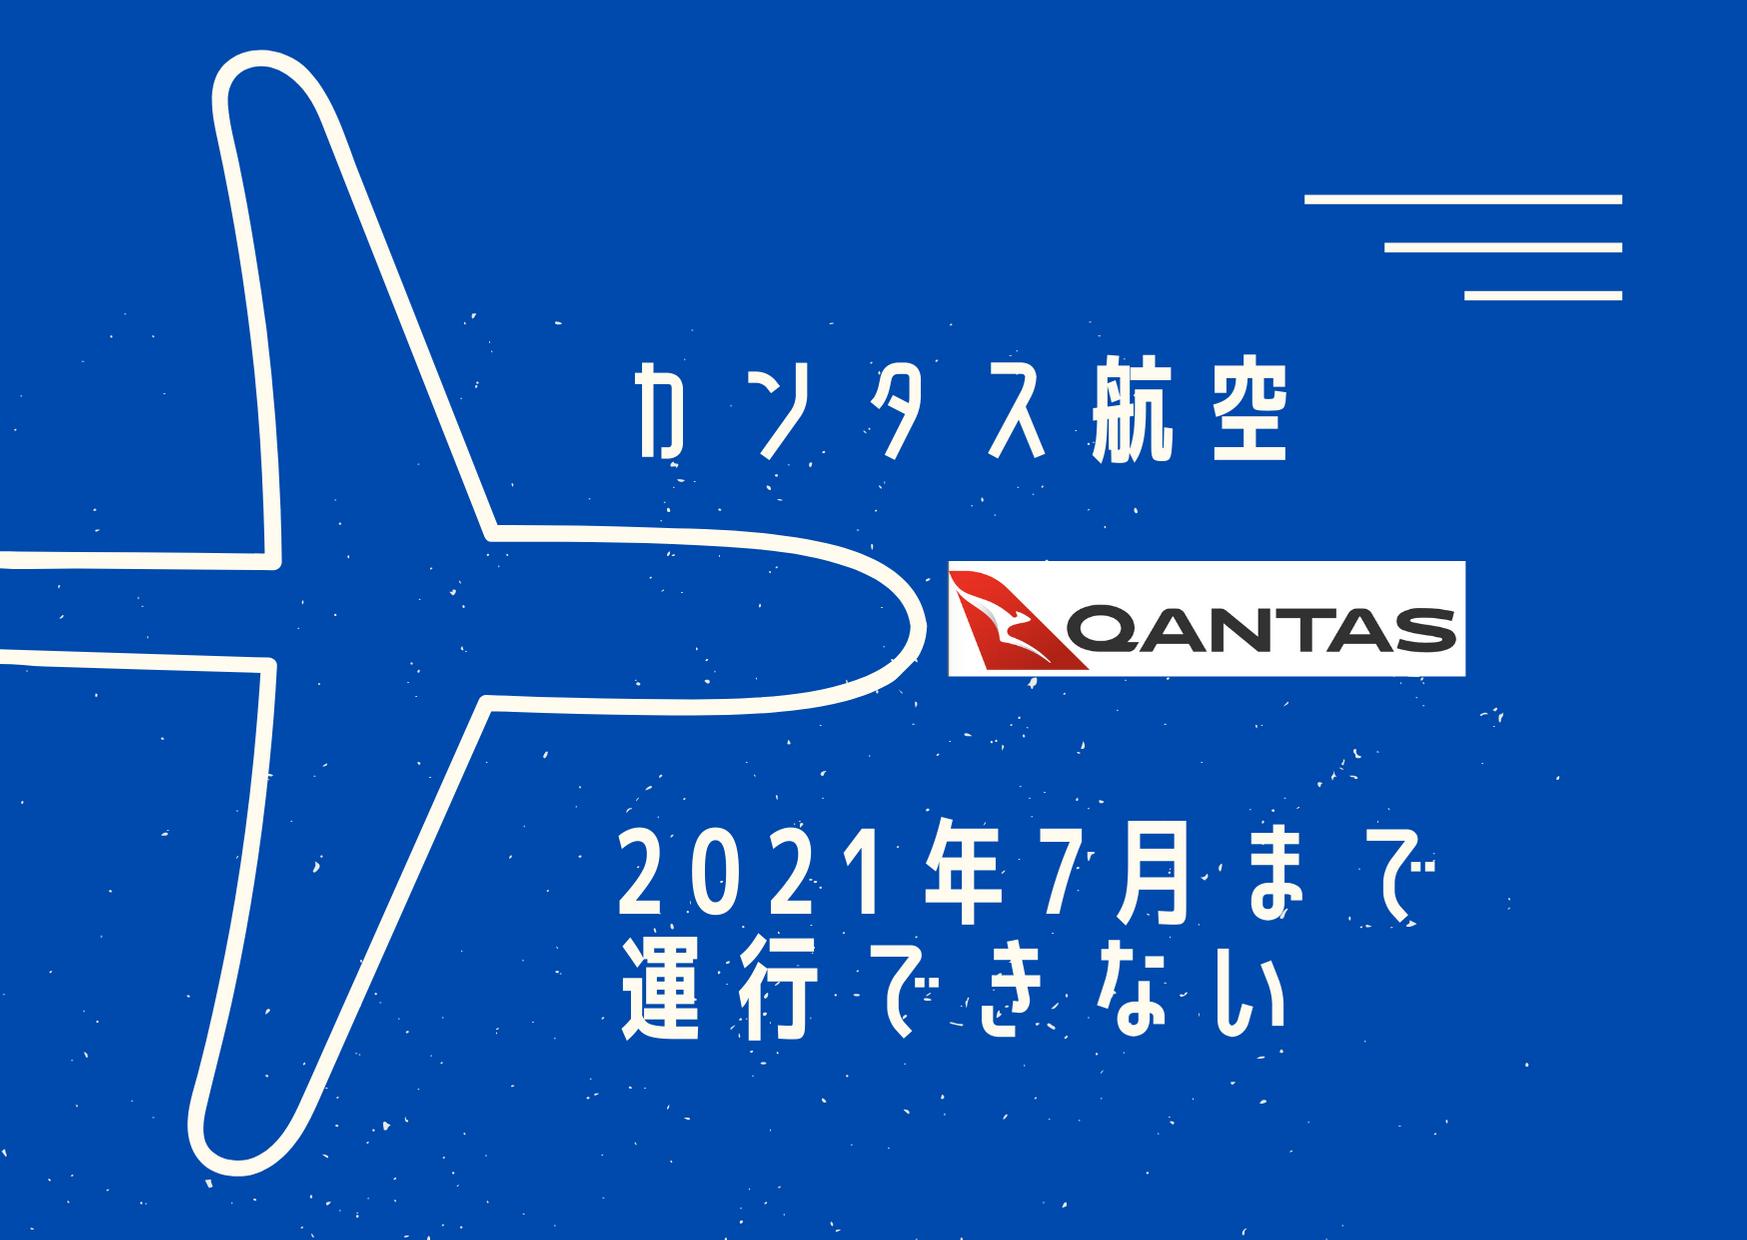 カンタス2021年7月まで運休